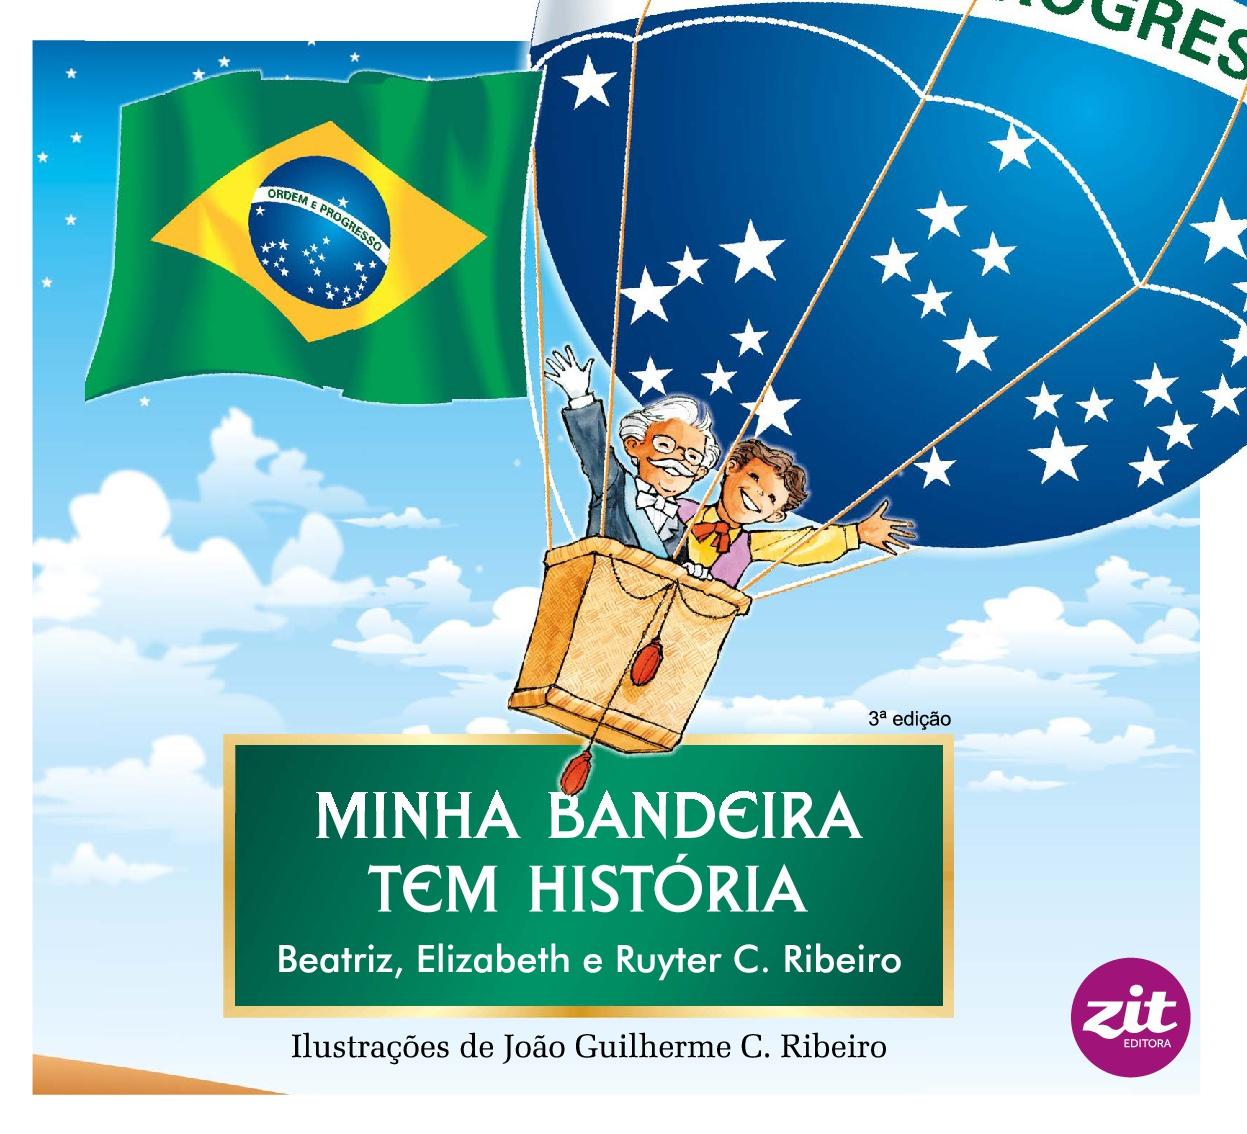 Minha-bandeira-tem-historia_Leiturinha2-001